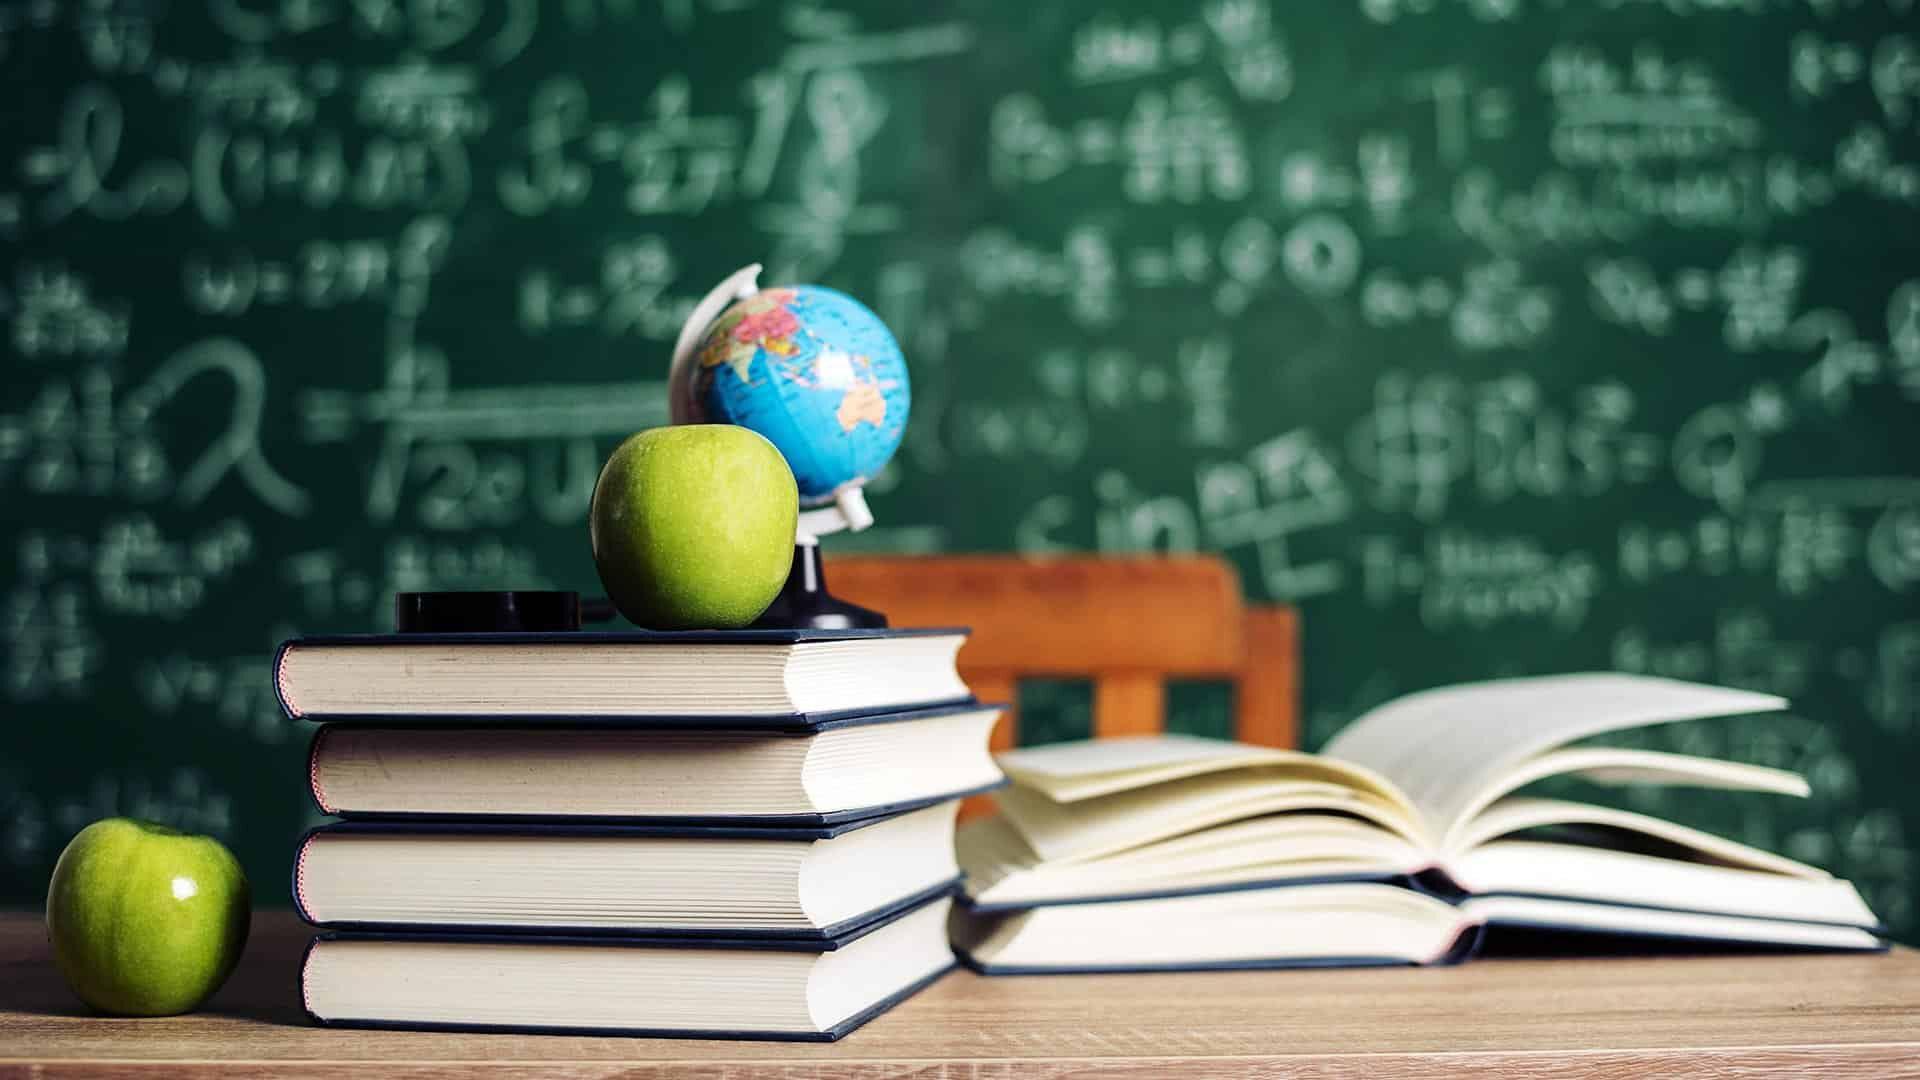 oktatás pisa felmérés 2019 pisa teszt 2019